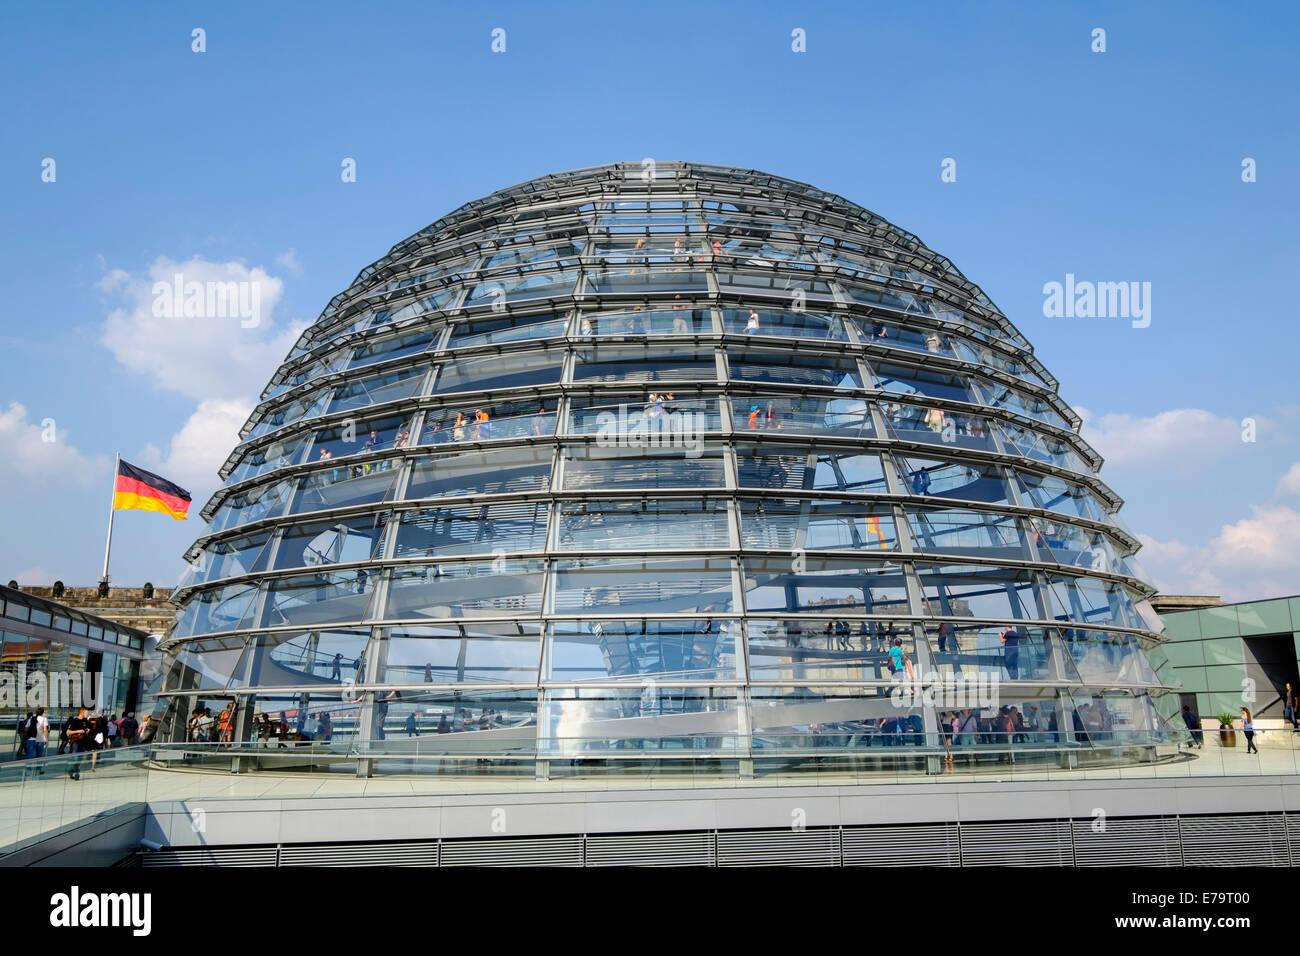 Tetto a cupola in vetro del Reichstag a Berlino Germania Immagini Stock